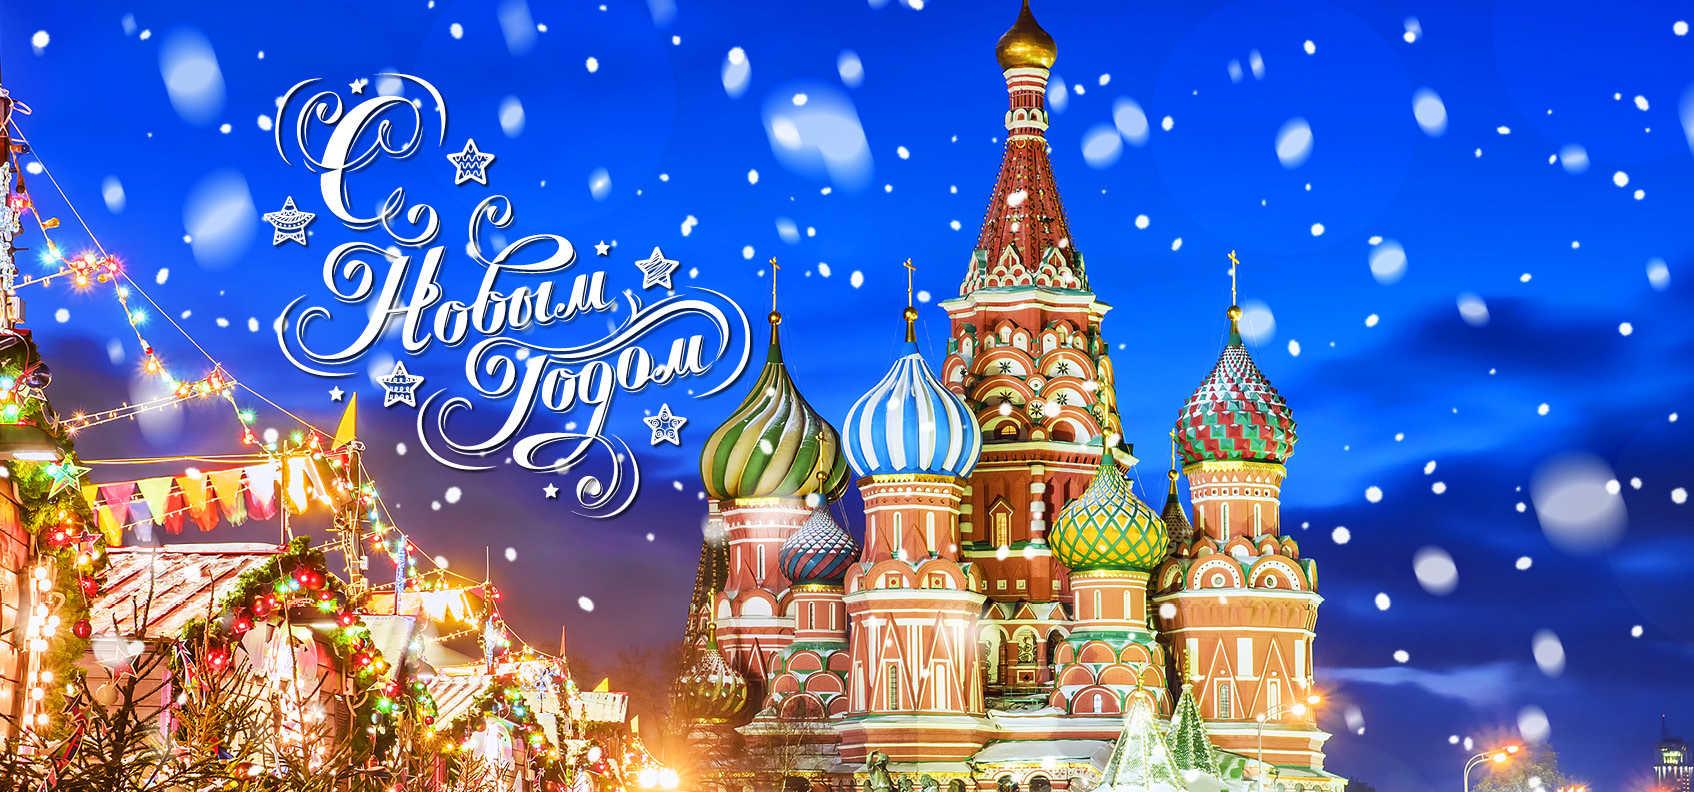 Lokal Berlin Russische Weihnachtenrussischer